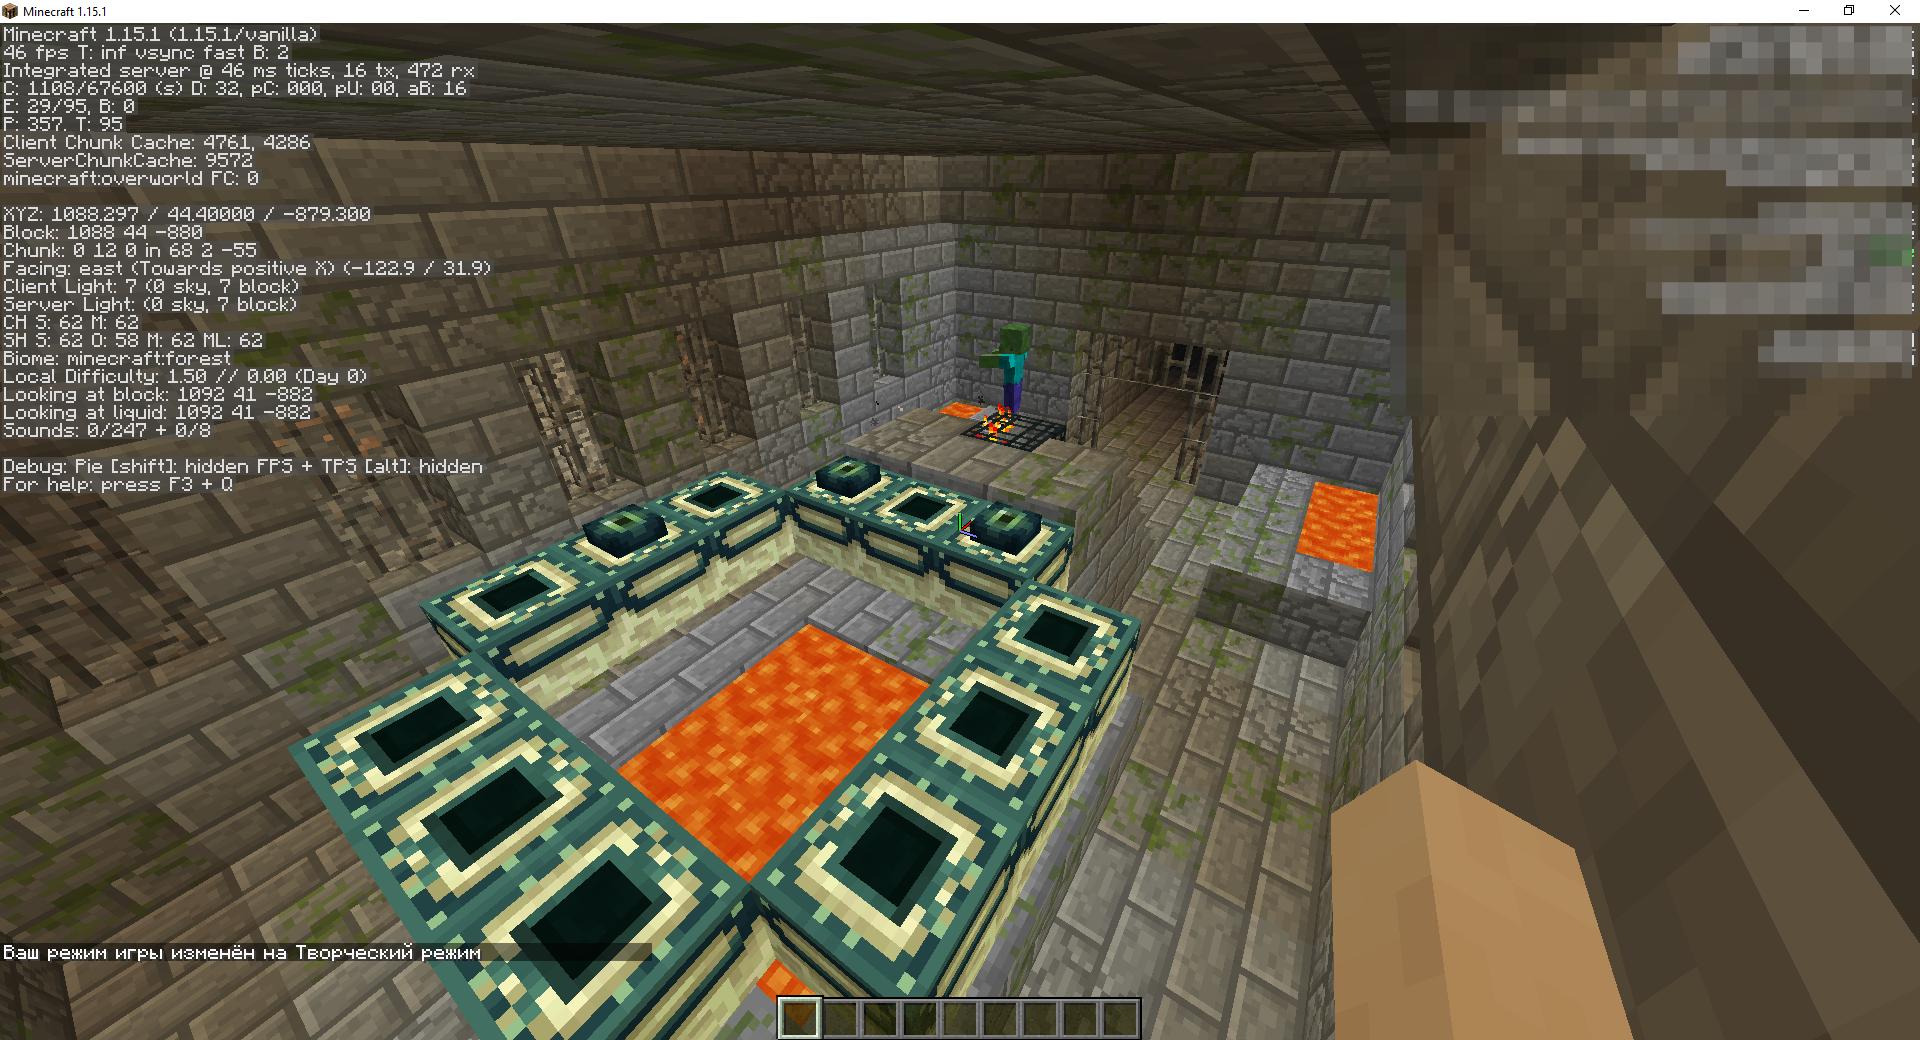 Сид «Подземная крепость ипортал вкрай» - скриншот 5